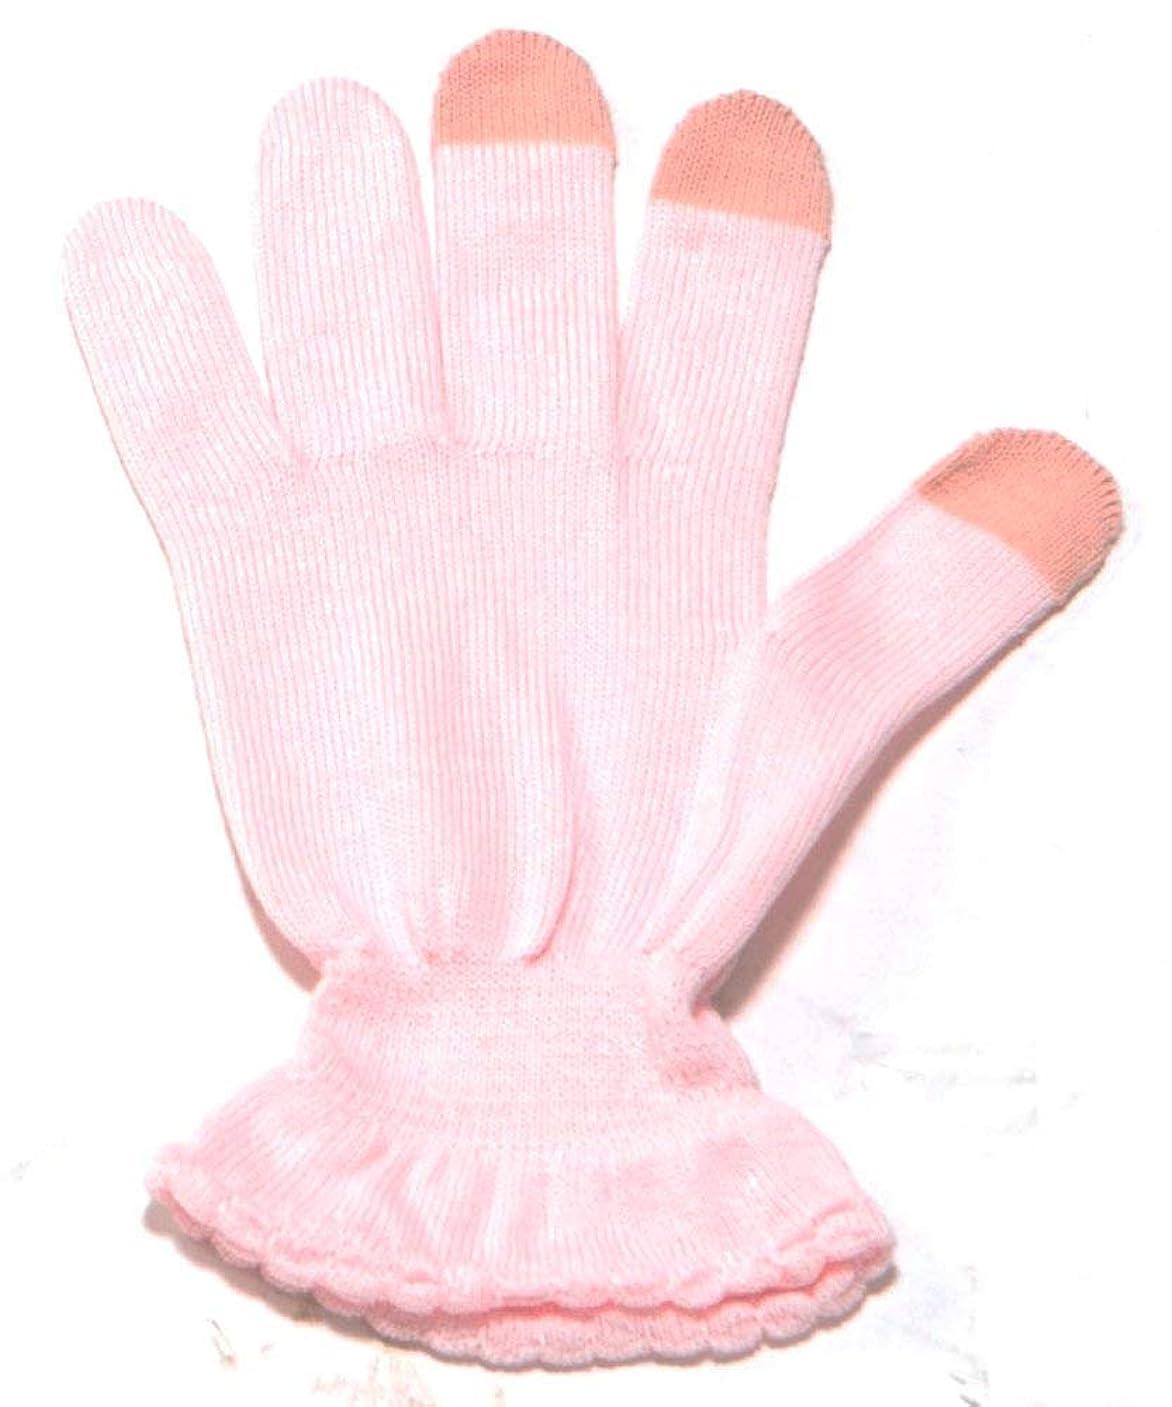 コンクリート外側家イチーナ【ハンドケア手袋タッチあり】スマホ対応 天然保湿効果配合繊維 (ピンク, S~M(17~20㎝))